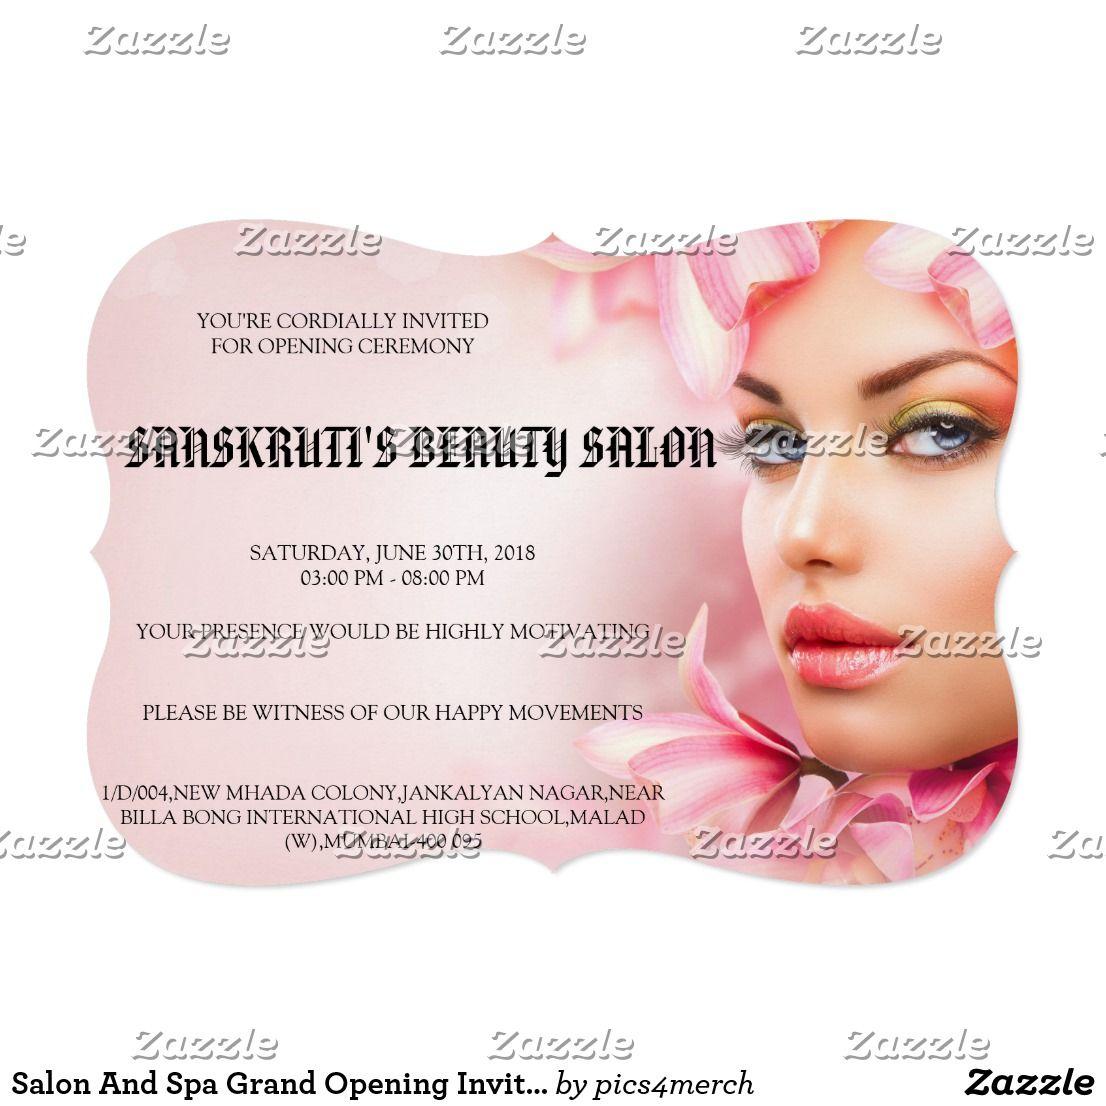 Create Your Own Invitation Zazzle Com In 2020 Grand Opening Invitations Invitations Create Your Own Invitations